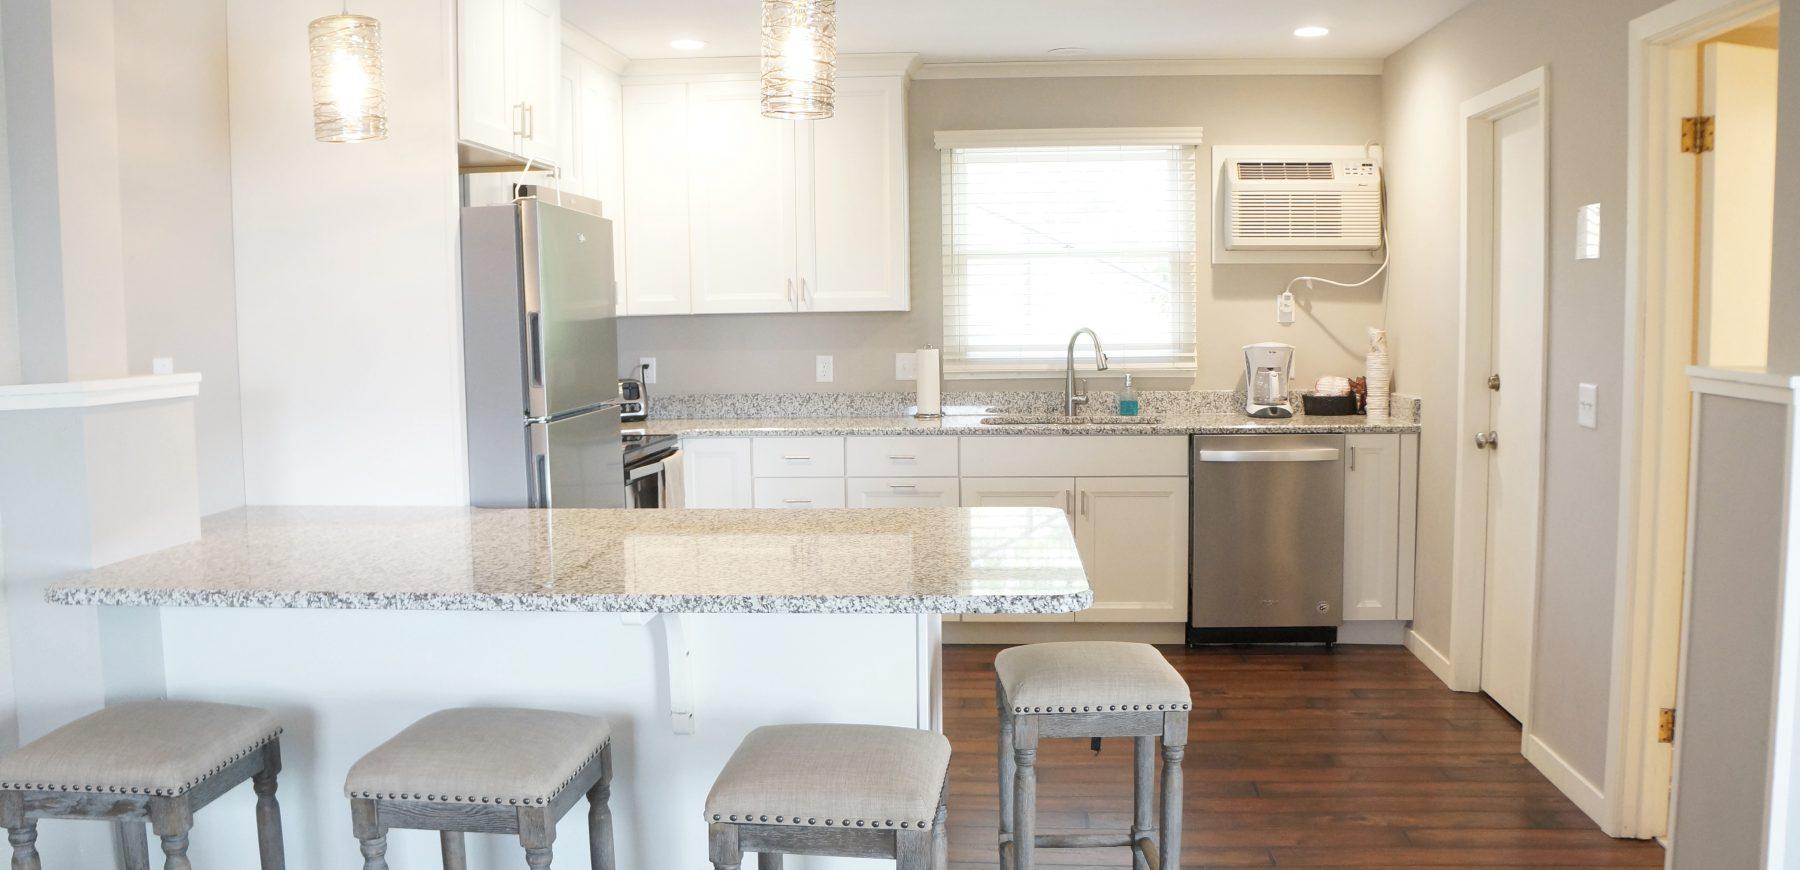 Lake House kitchen layout